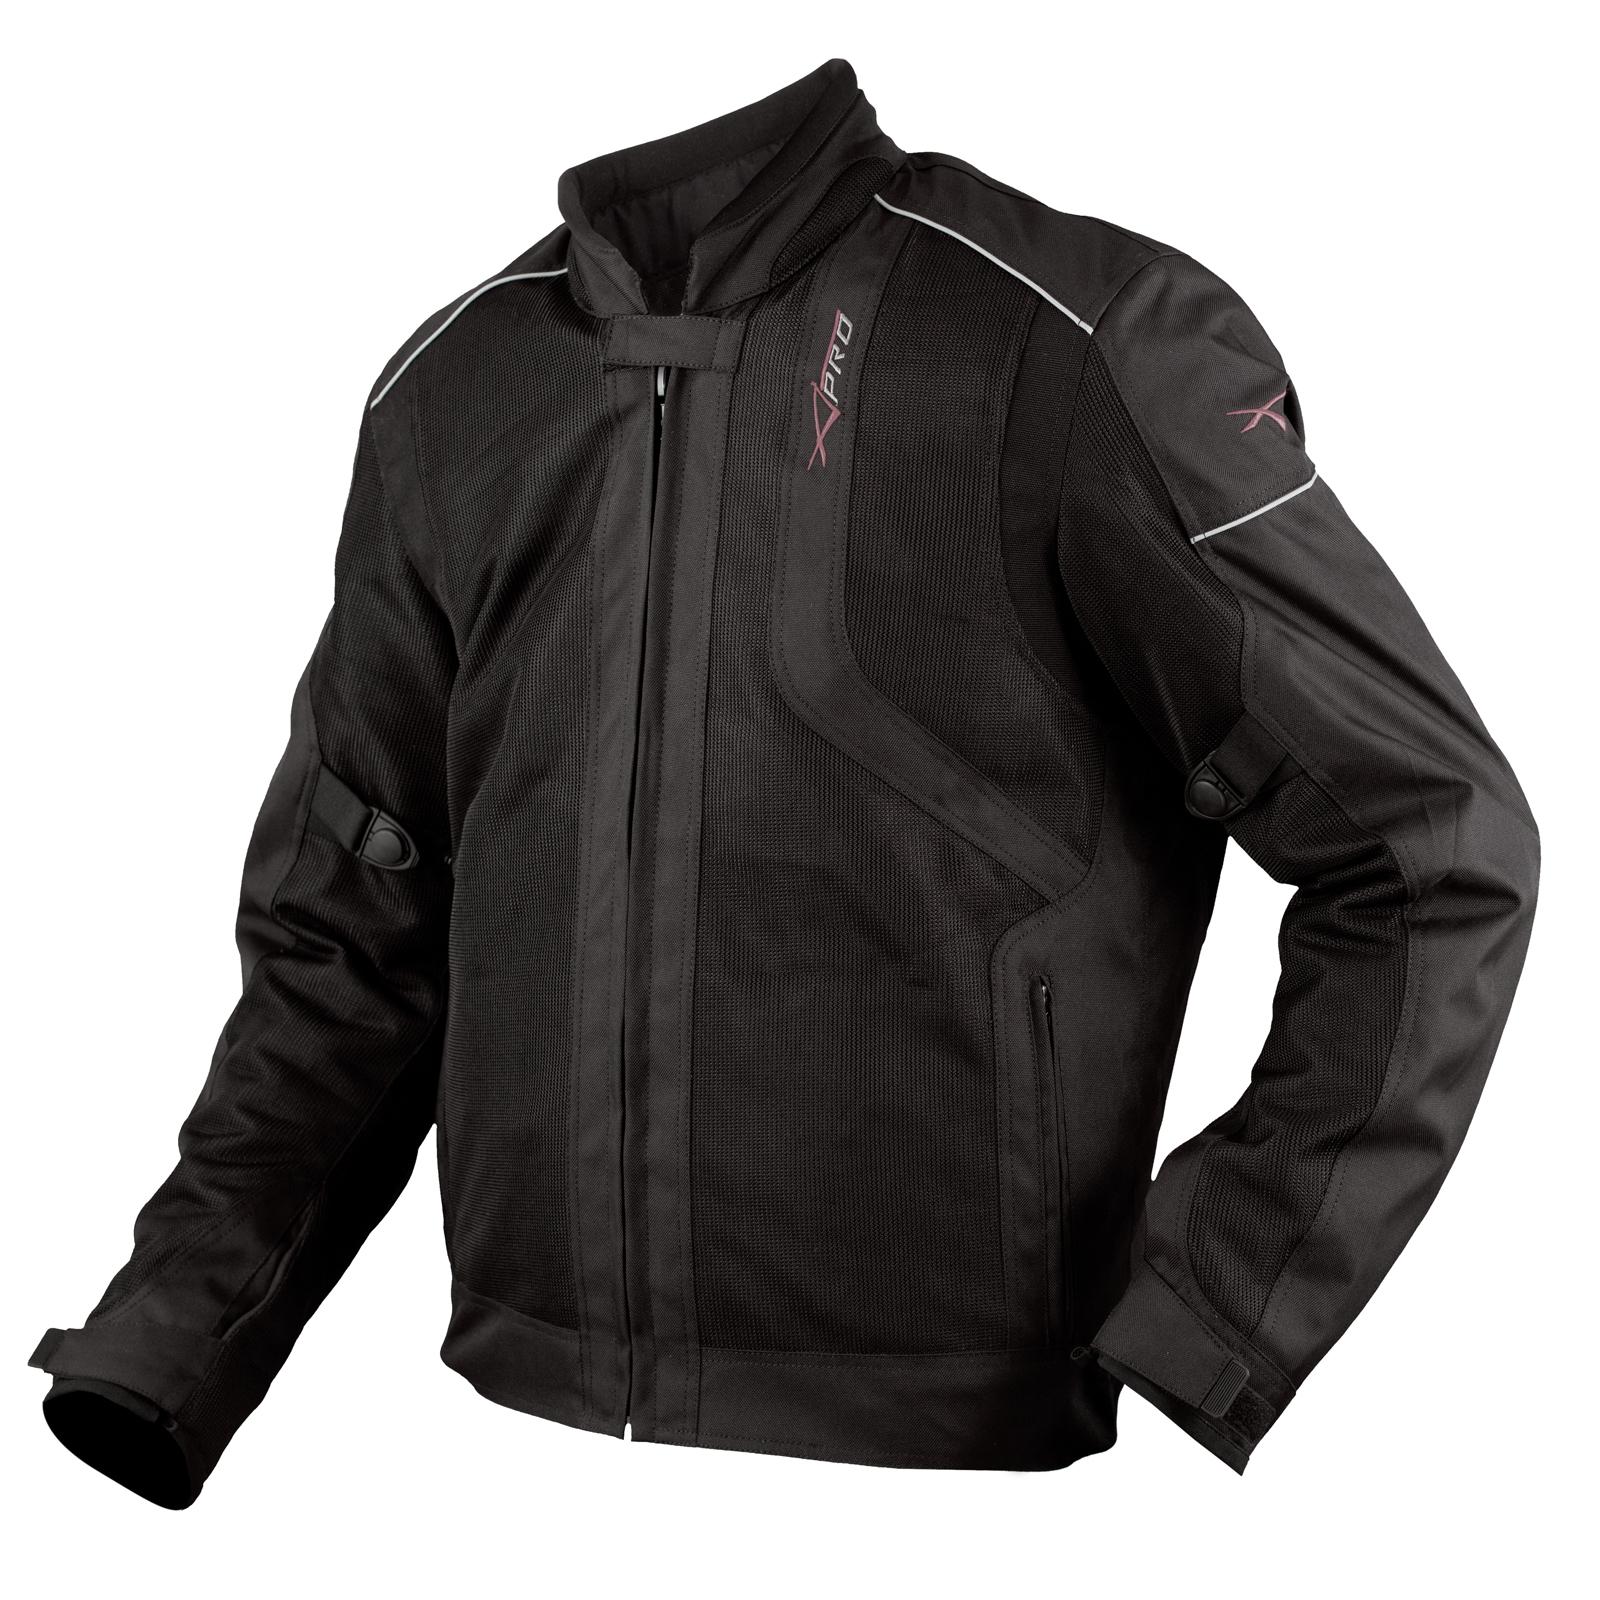 Giacca-Moto-Sport-Tessuto-Protezioni-CE-Impermeabile-Ventilata-Nero miniature 5